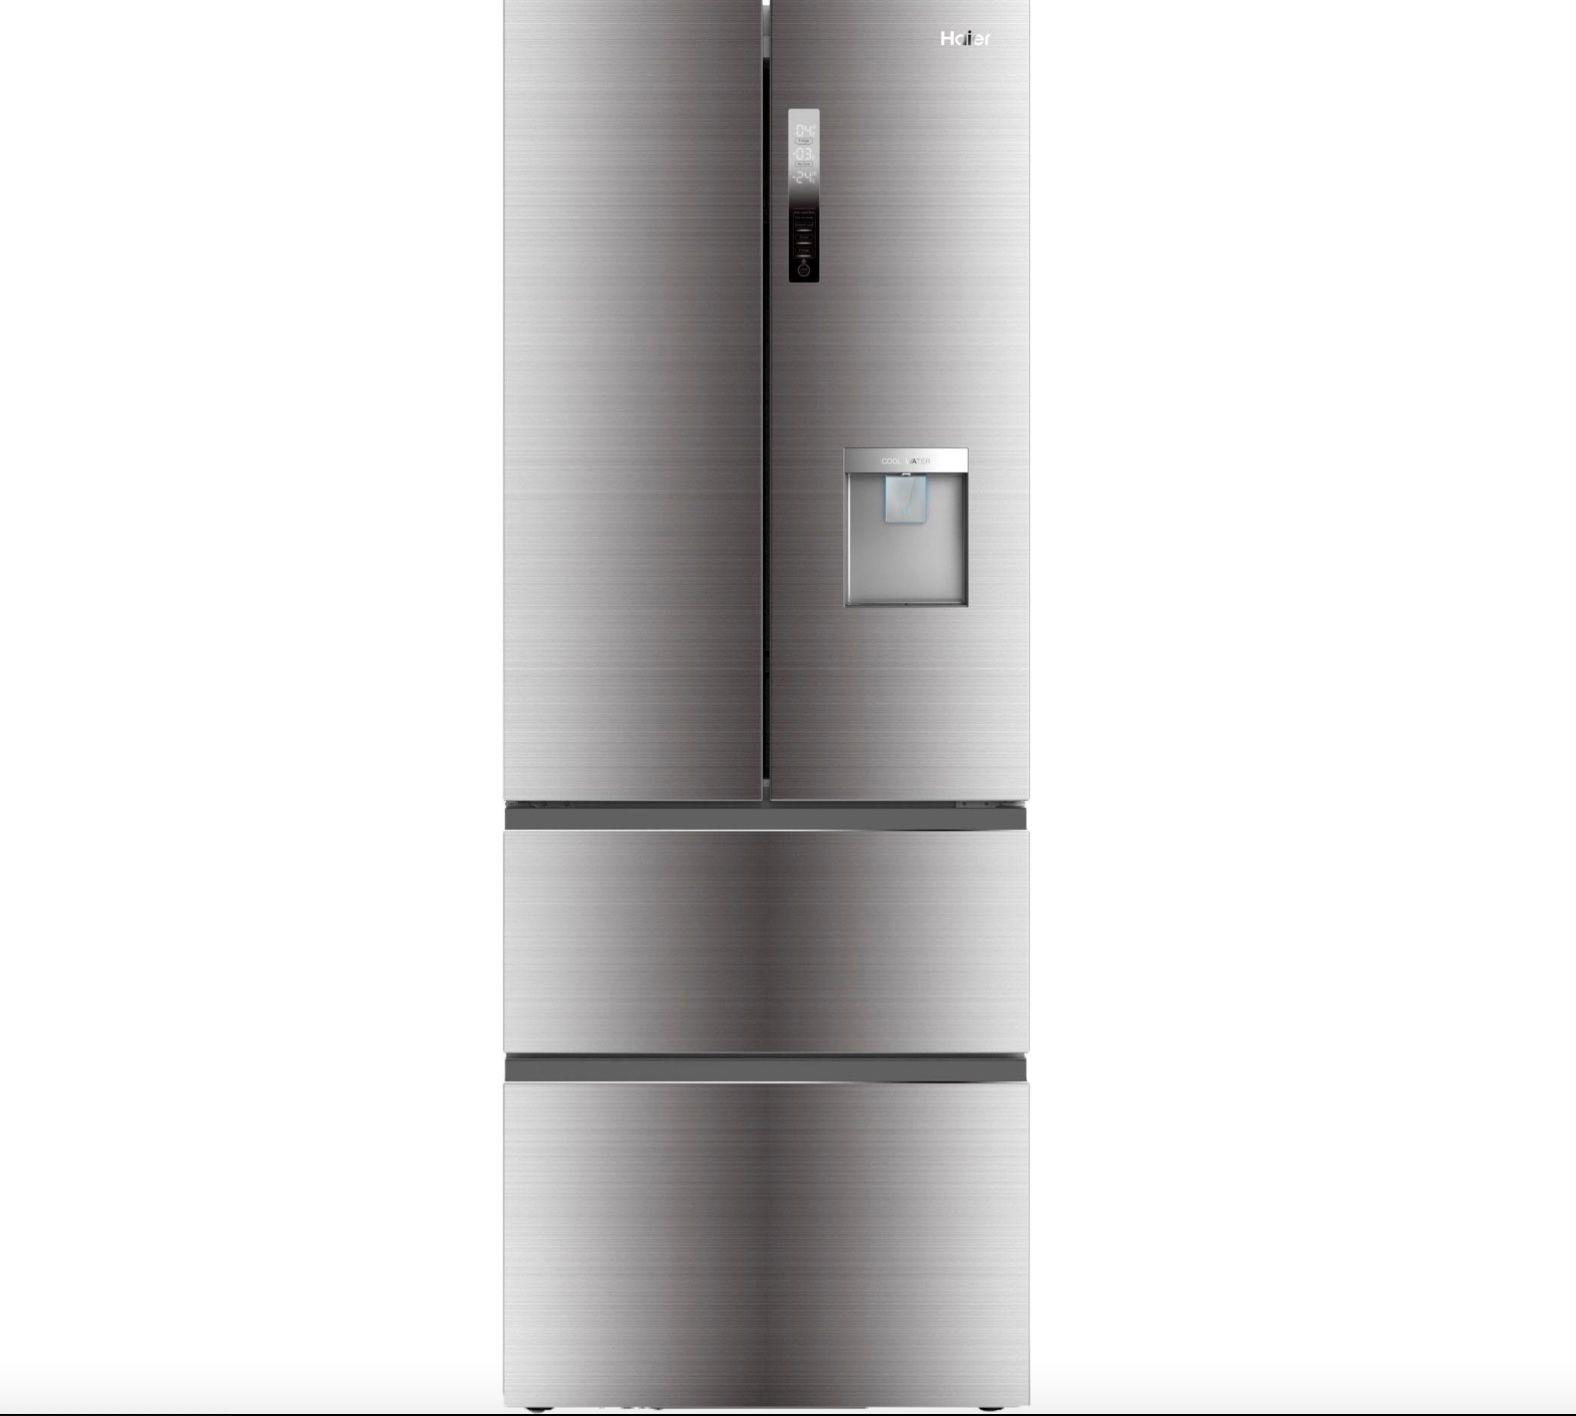 Haier B3FE742CMJW French Door Kühl Gefrierkombination mit Wassertank für 664€ (statt 748€)